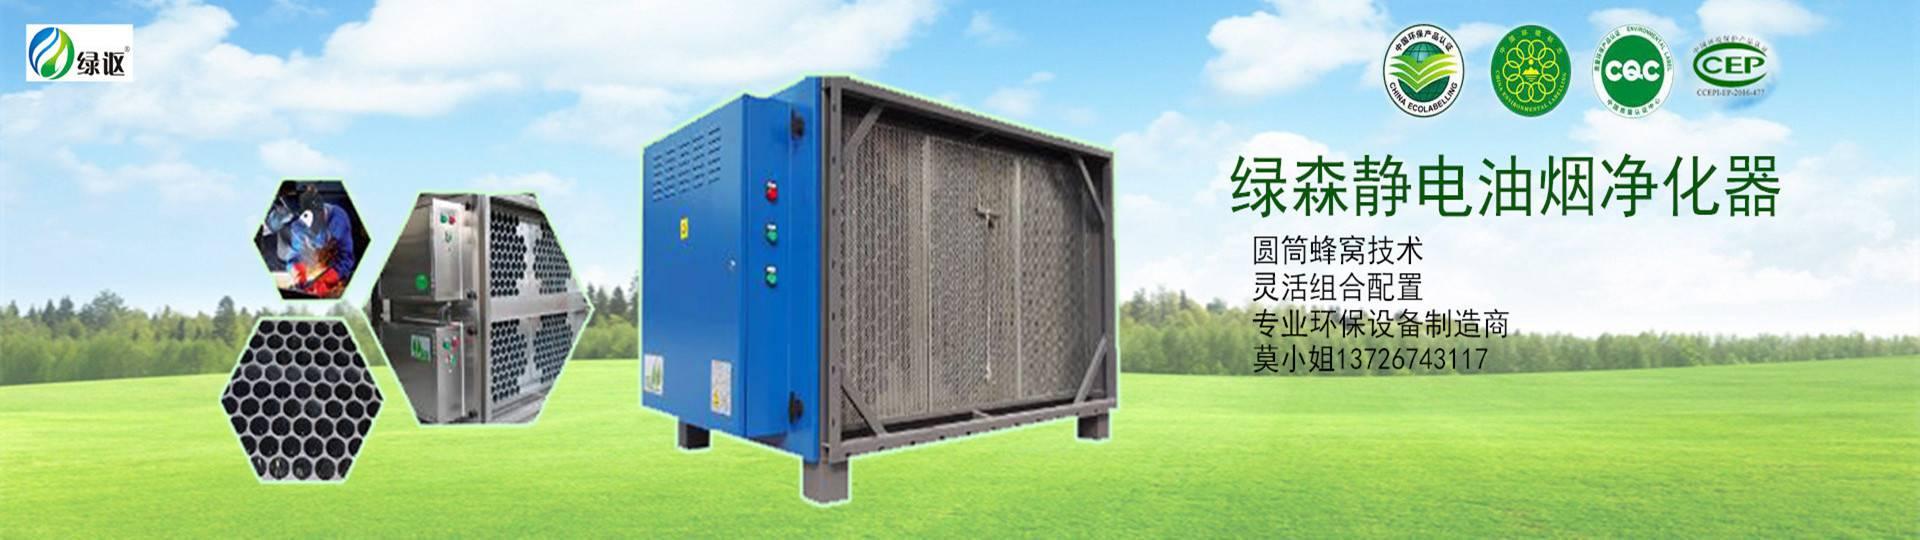 高效静电油烟净化器